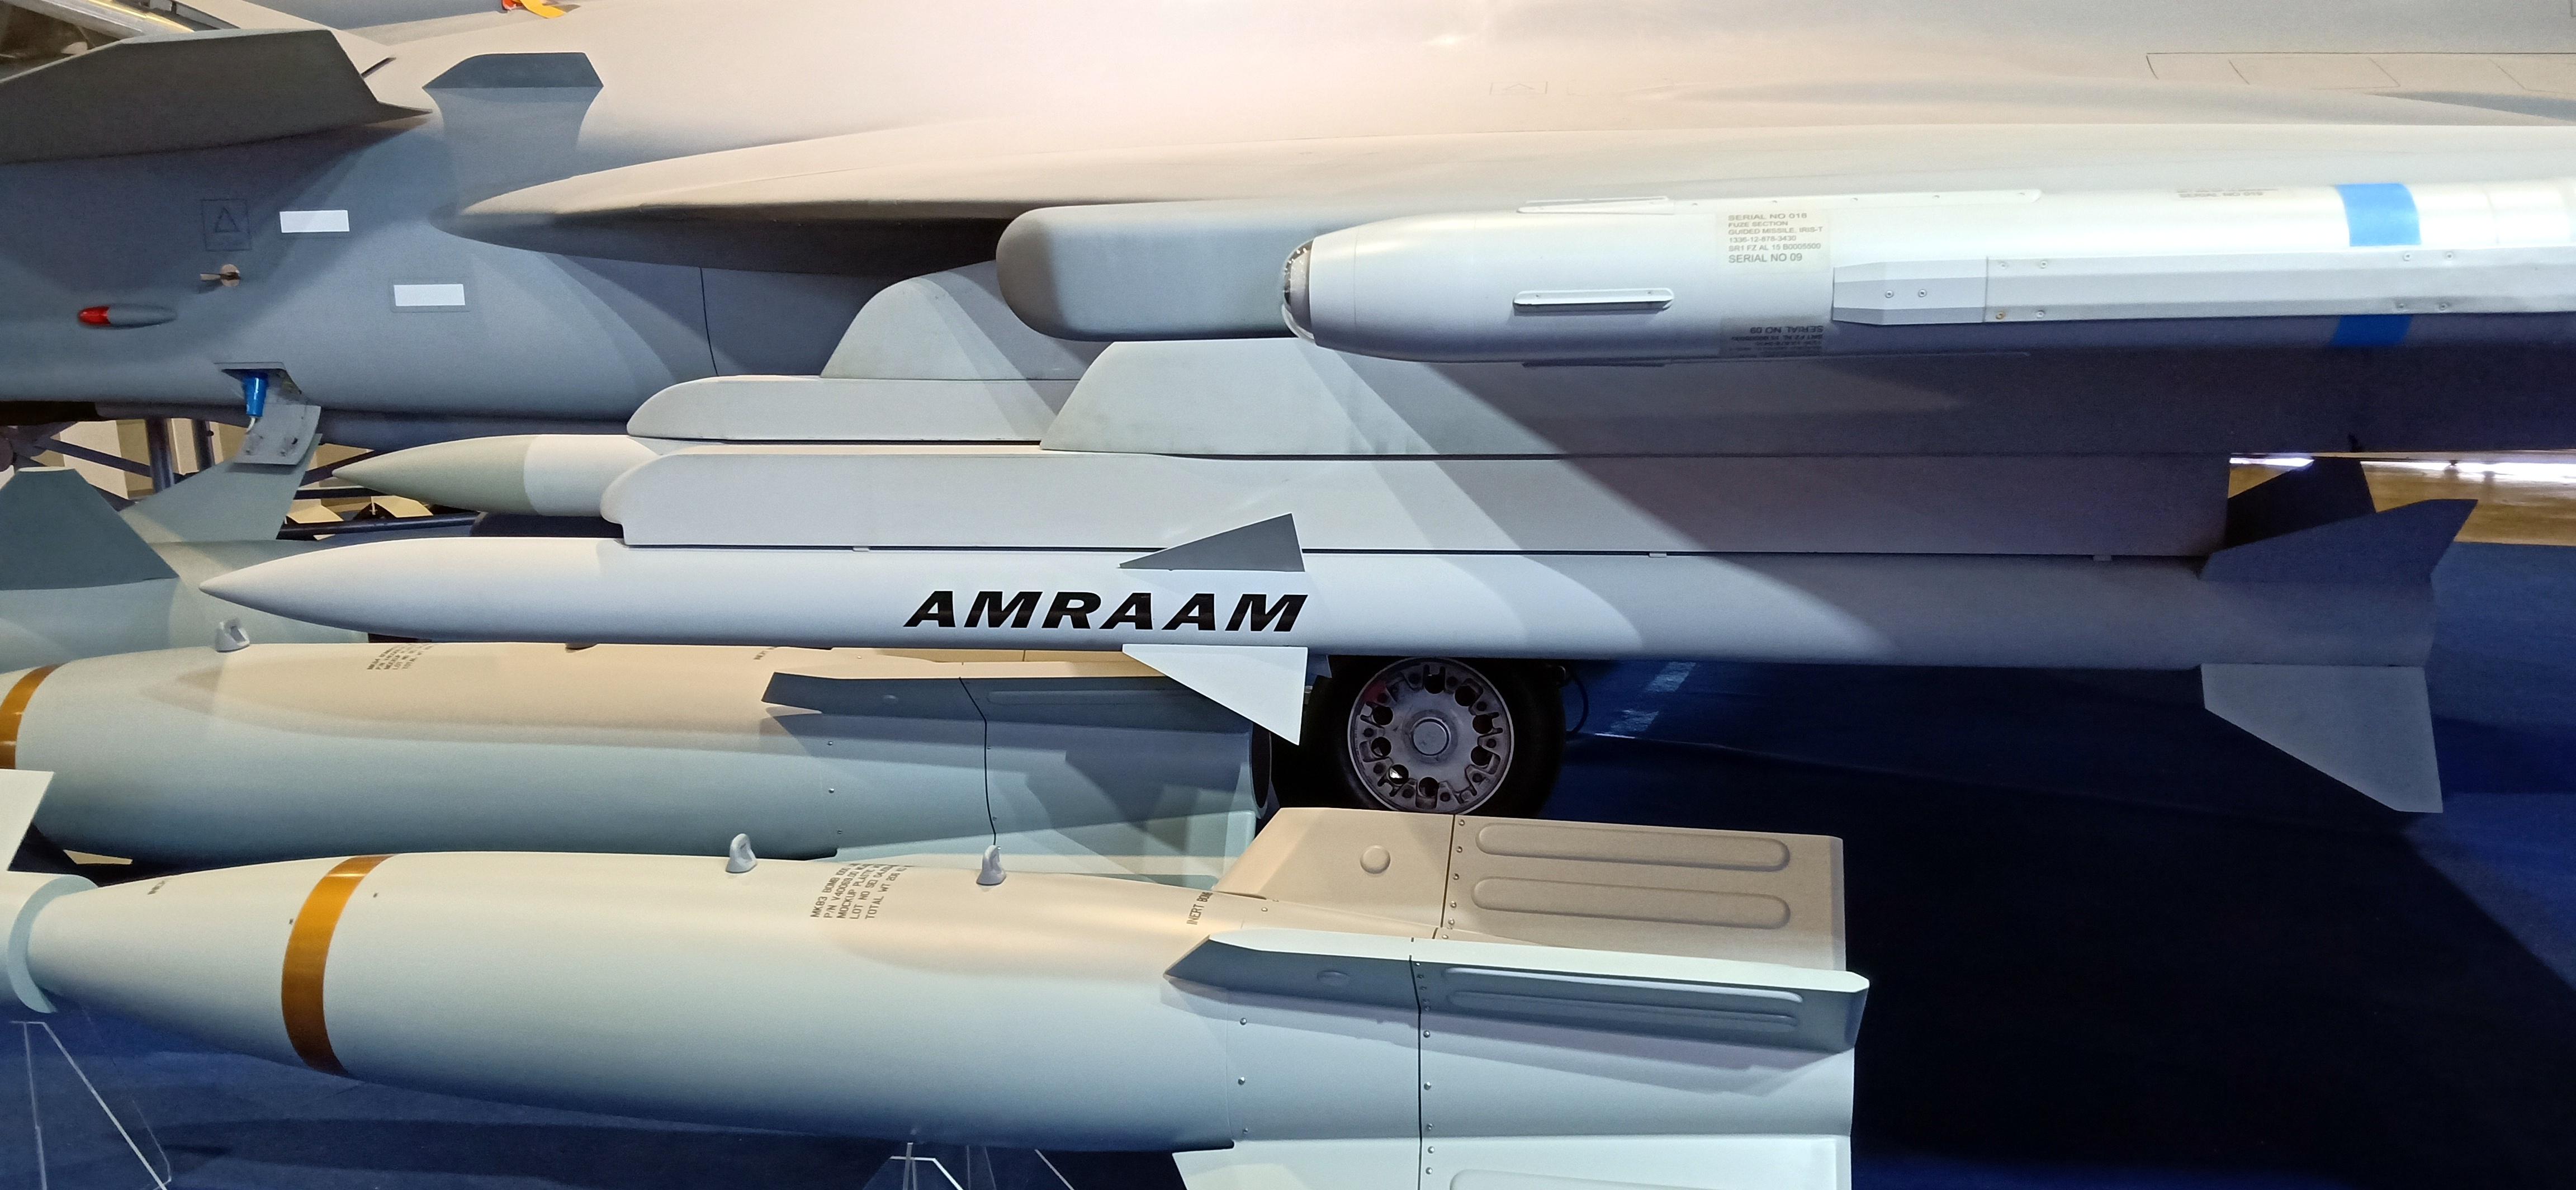 File:AIM-120 AMRAAM Missile at ADAS 2018.jpg - Wikimedia Commons